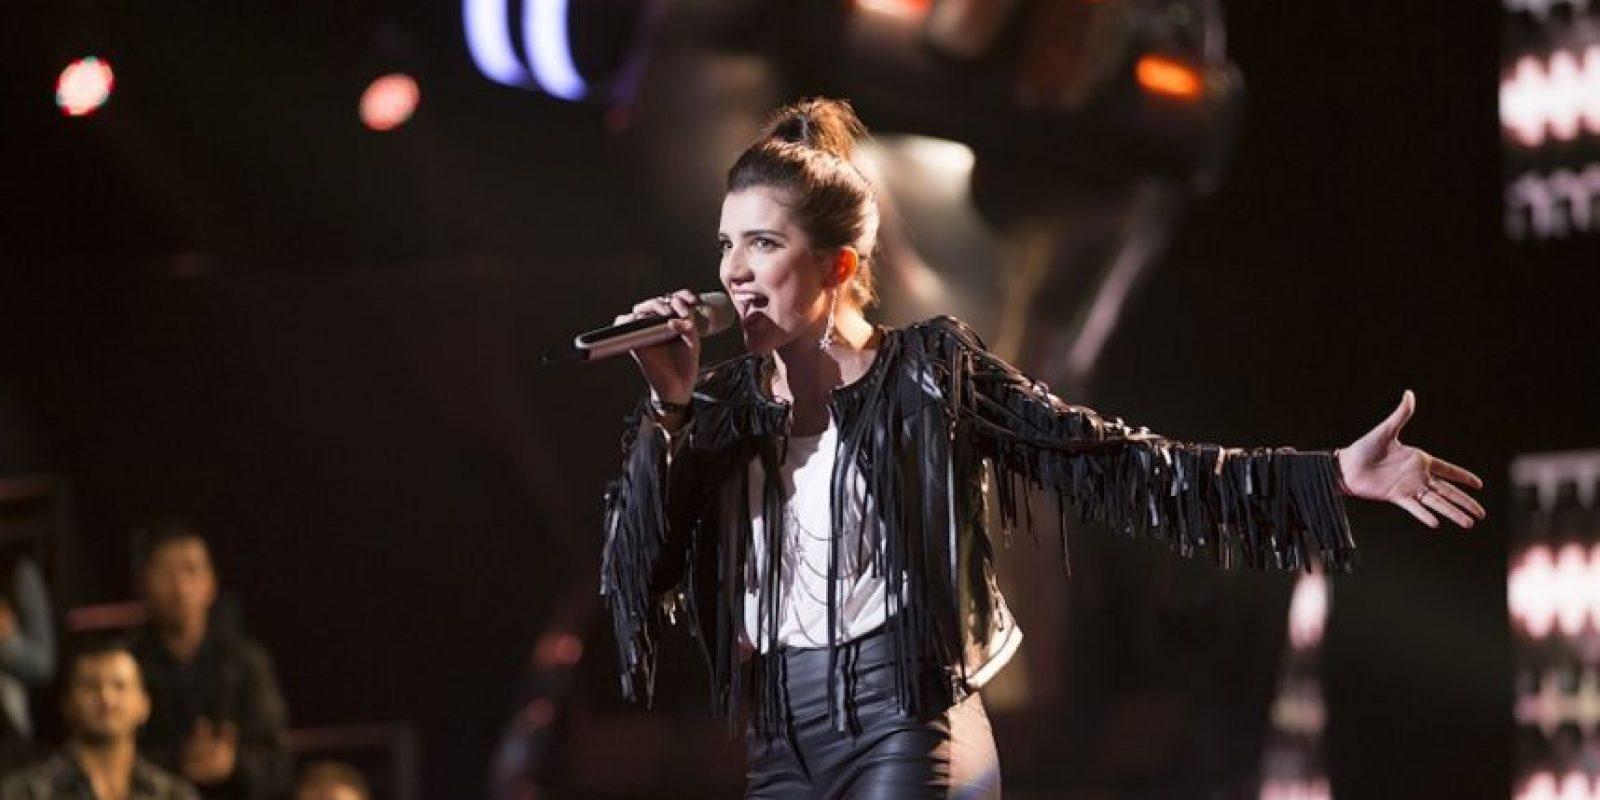 Valentina Batta interpretó Sweet child of mine en el Top 3 Foto:Televisa